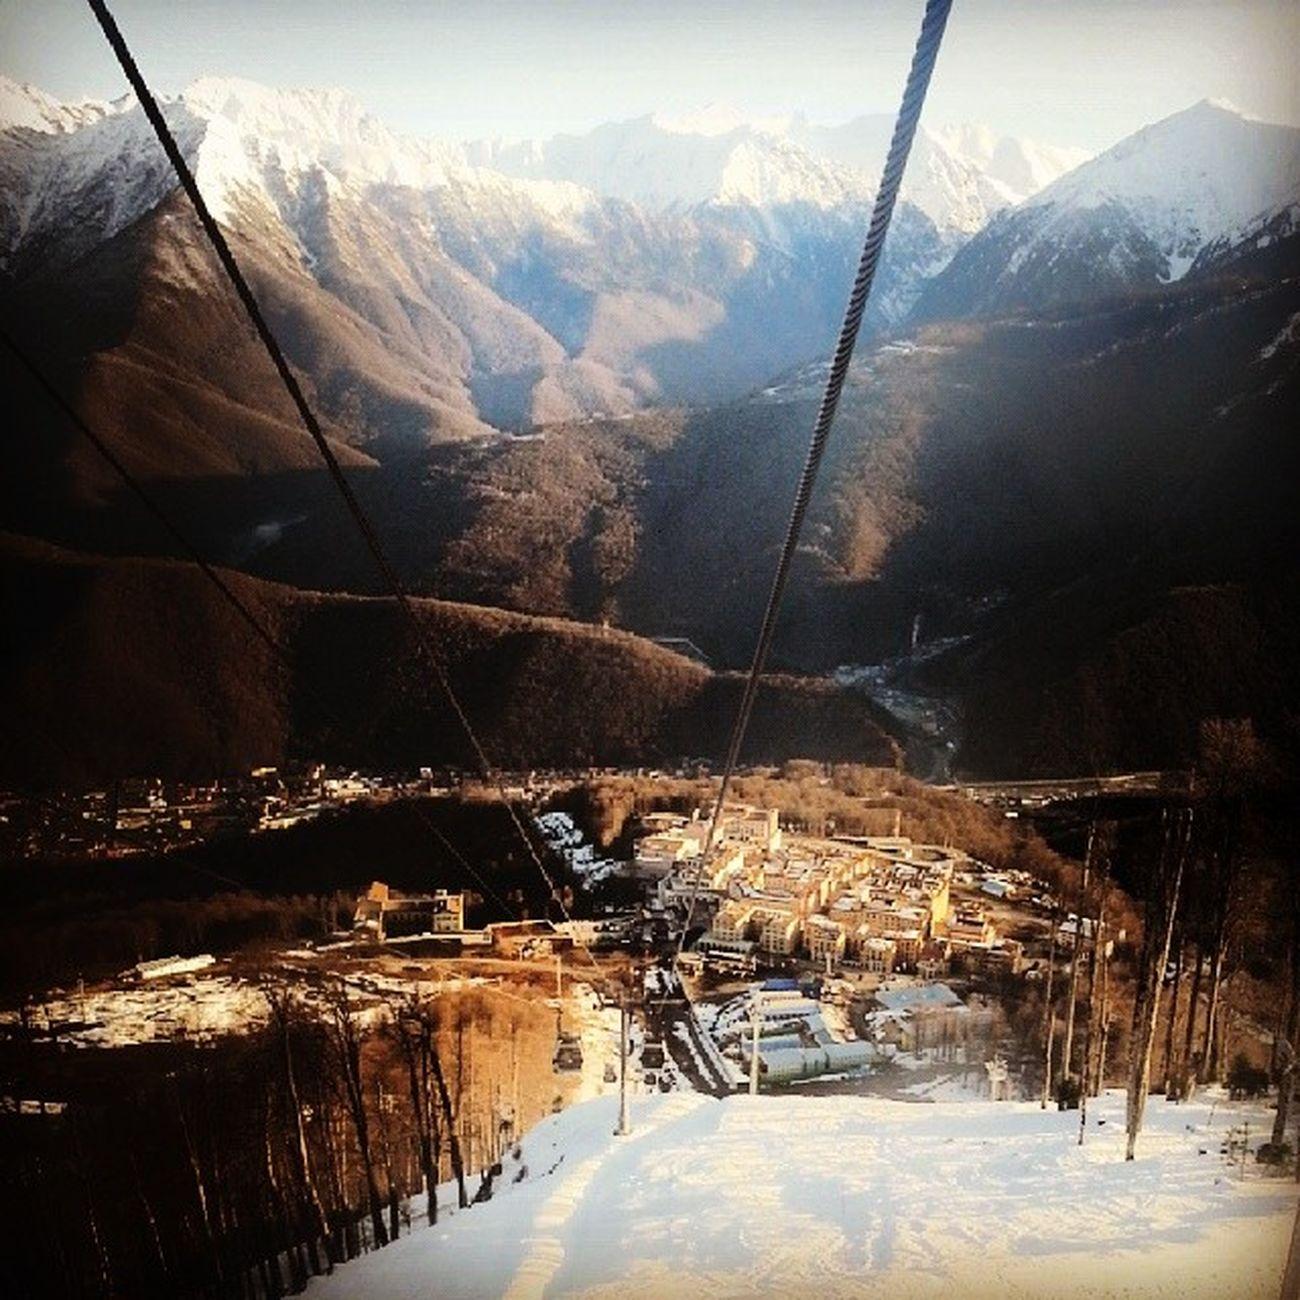 yukari yukari daha da yukari Mountains Mountains And Sky Krasnaya Polyana Sochi Adler Funicular